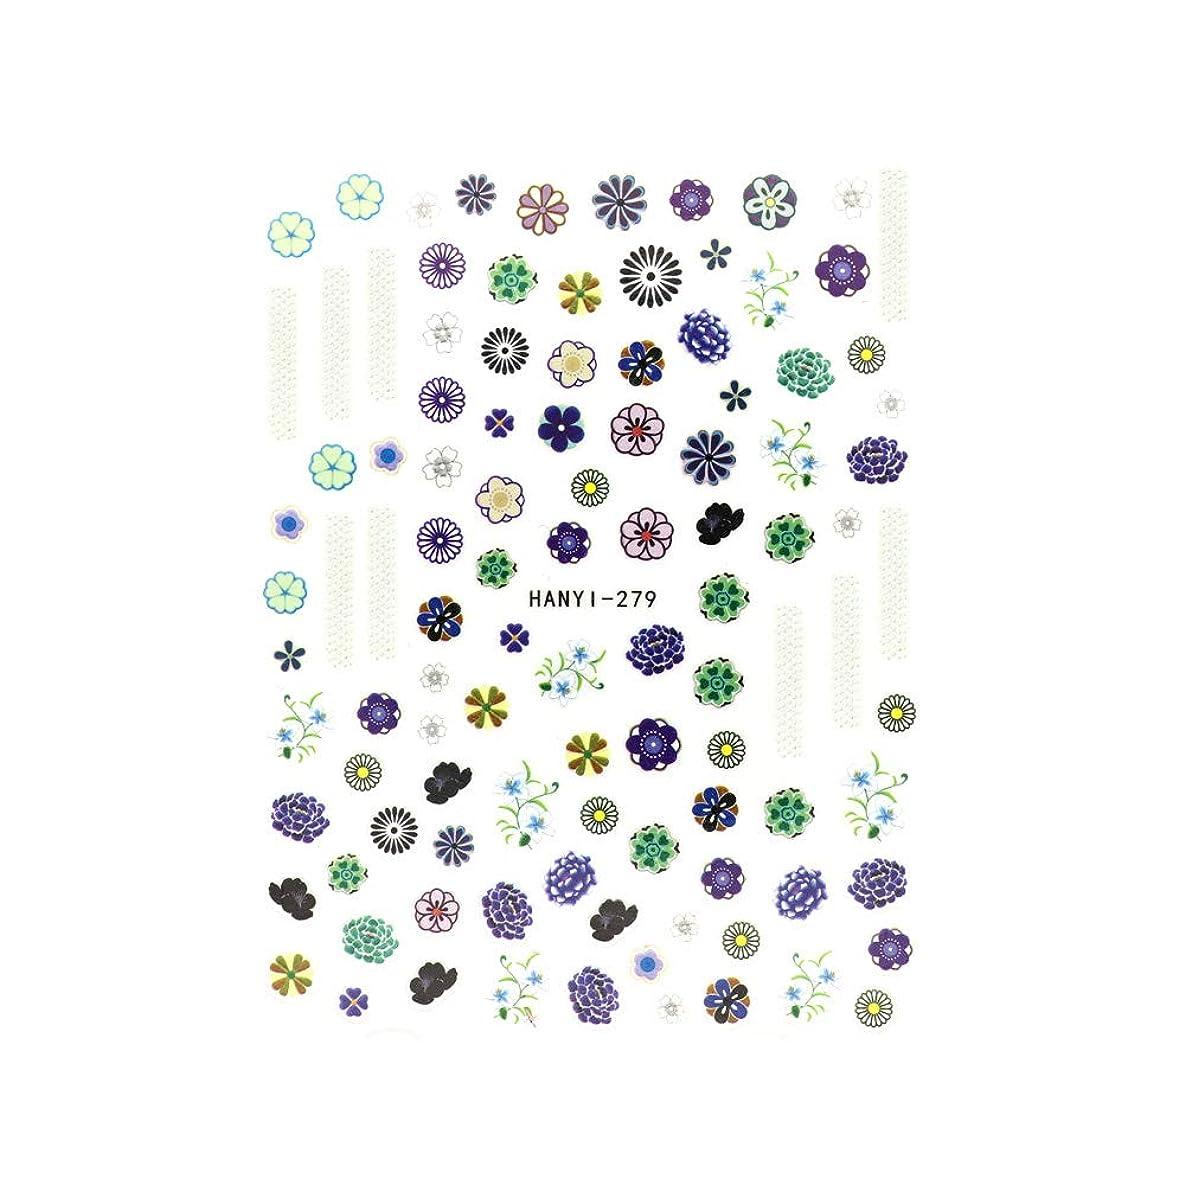 セッションギャロップ眠りネイルシール 古典和花シール【HANYI-279】古典和花シール ブルーフラワーネイル 花柄 和柄ネイル 和装ネイル フラワーシール 浴衣 着物 桜 牡丹